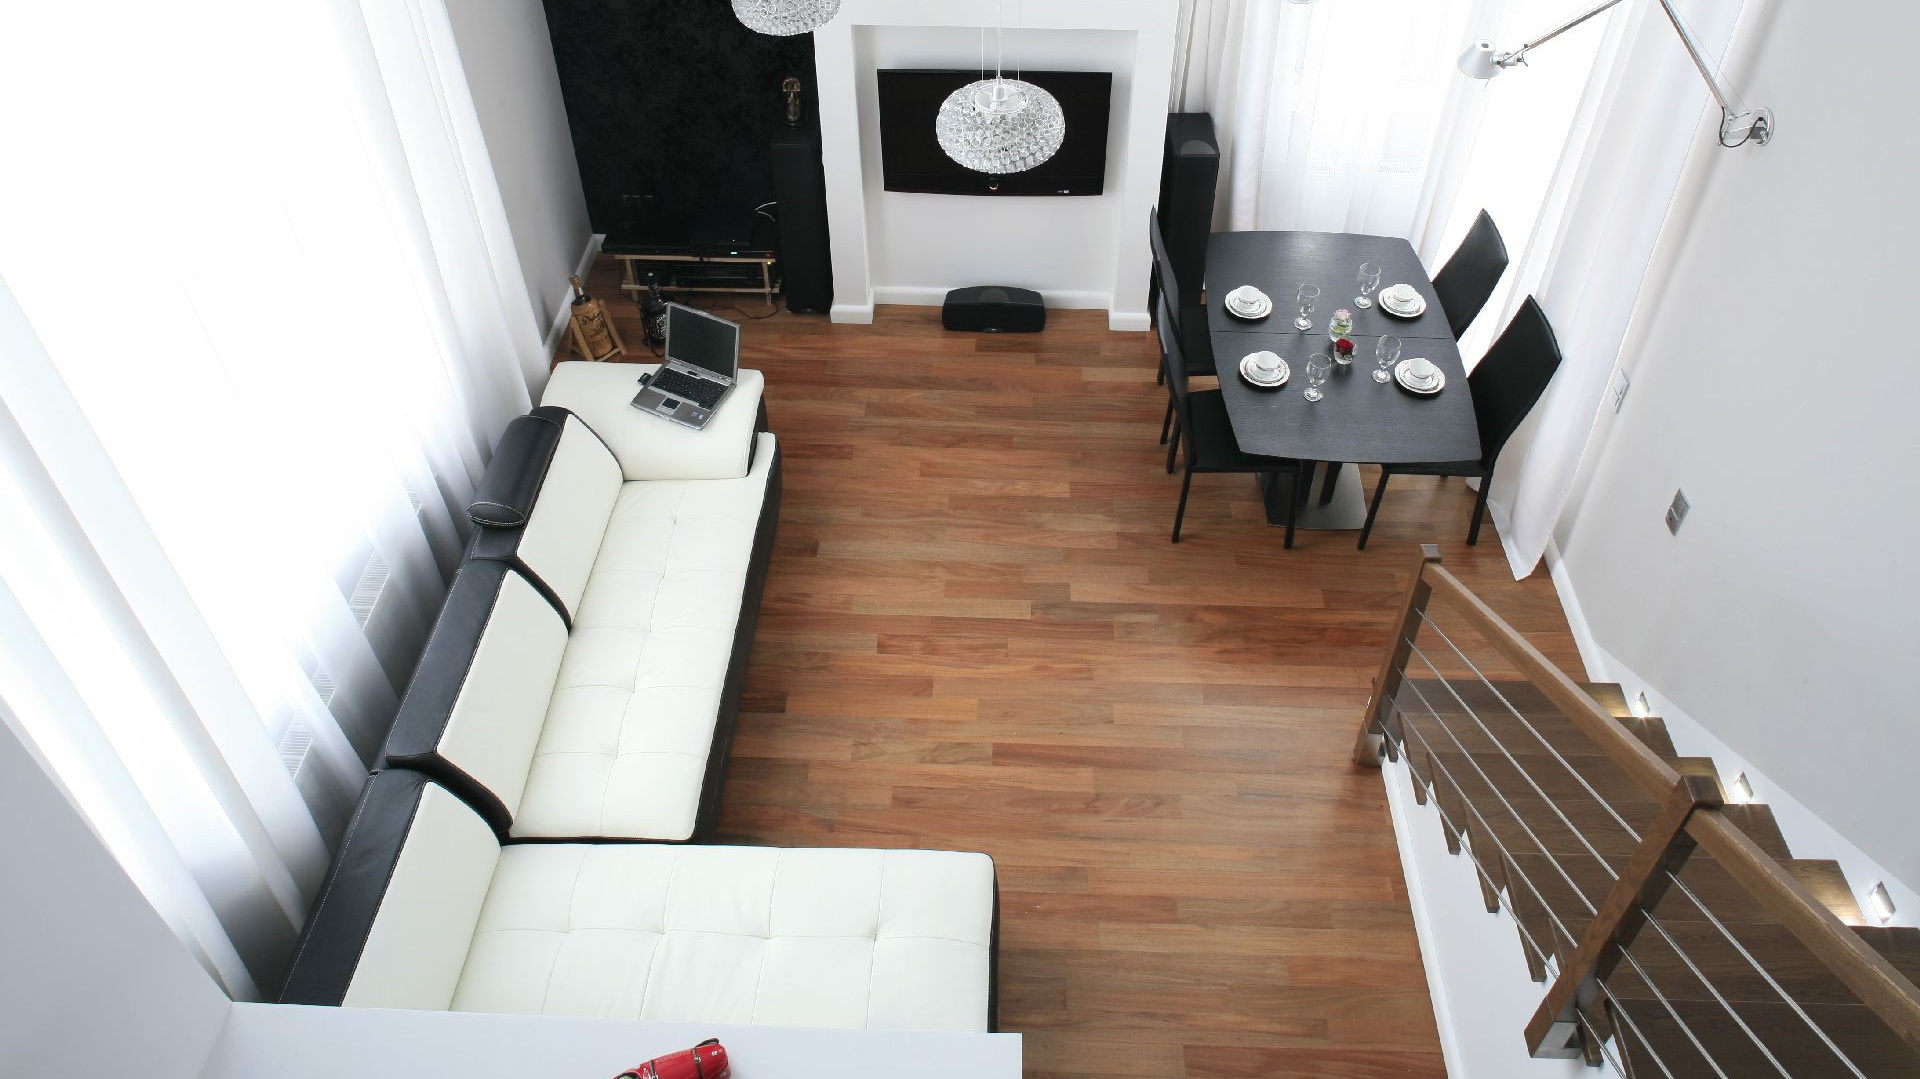 Salon ma niestandardową wysokość – 5,5 m. Nad kuchnią, na antresoli wygospodarowano przestrzeń na gabinet. Fot. Bartosz Jarosz.